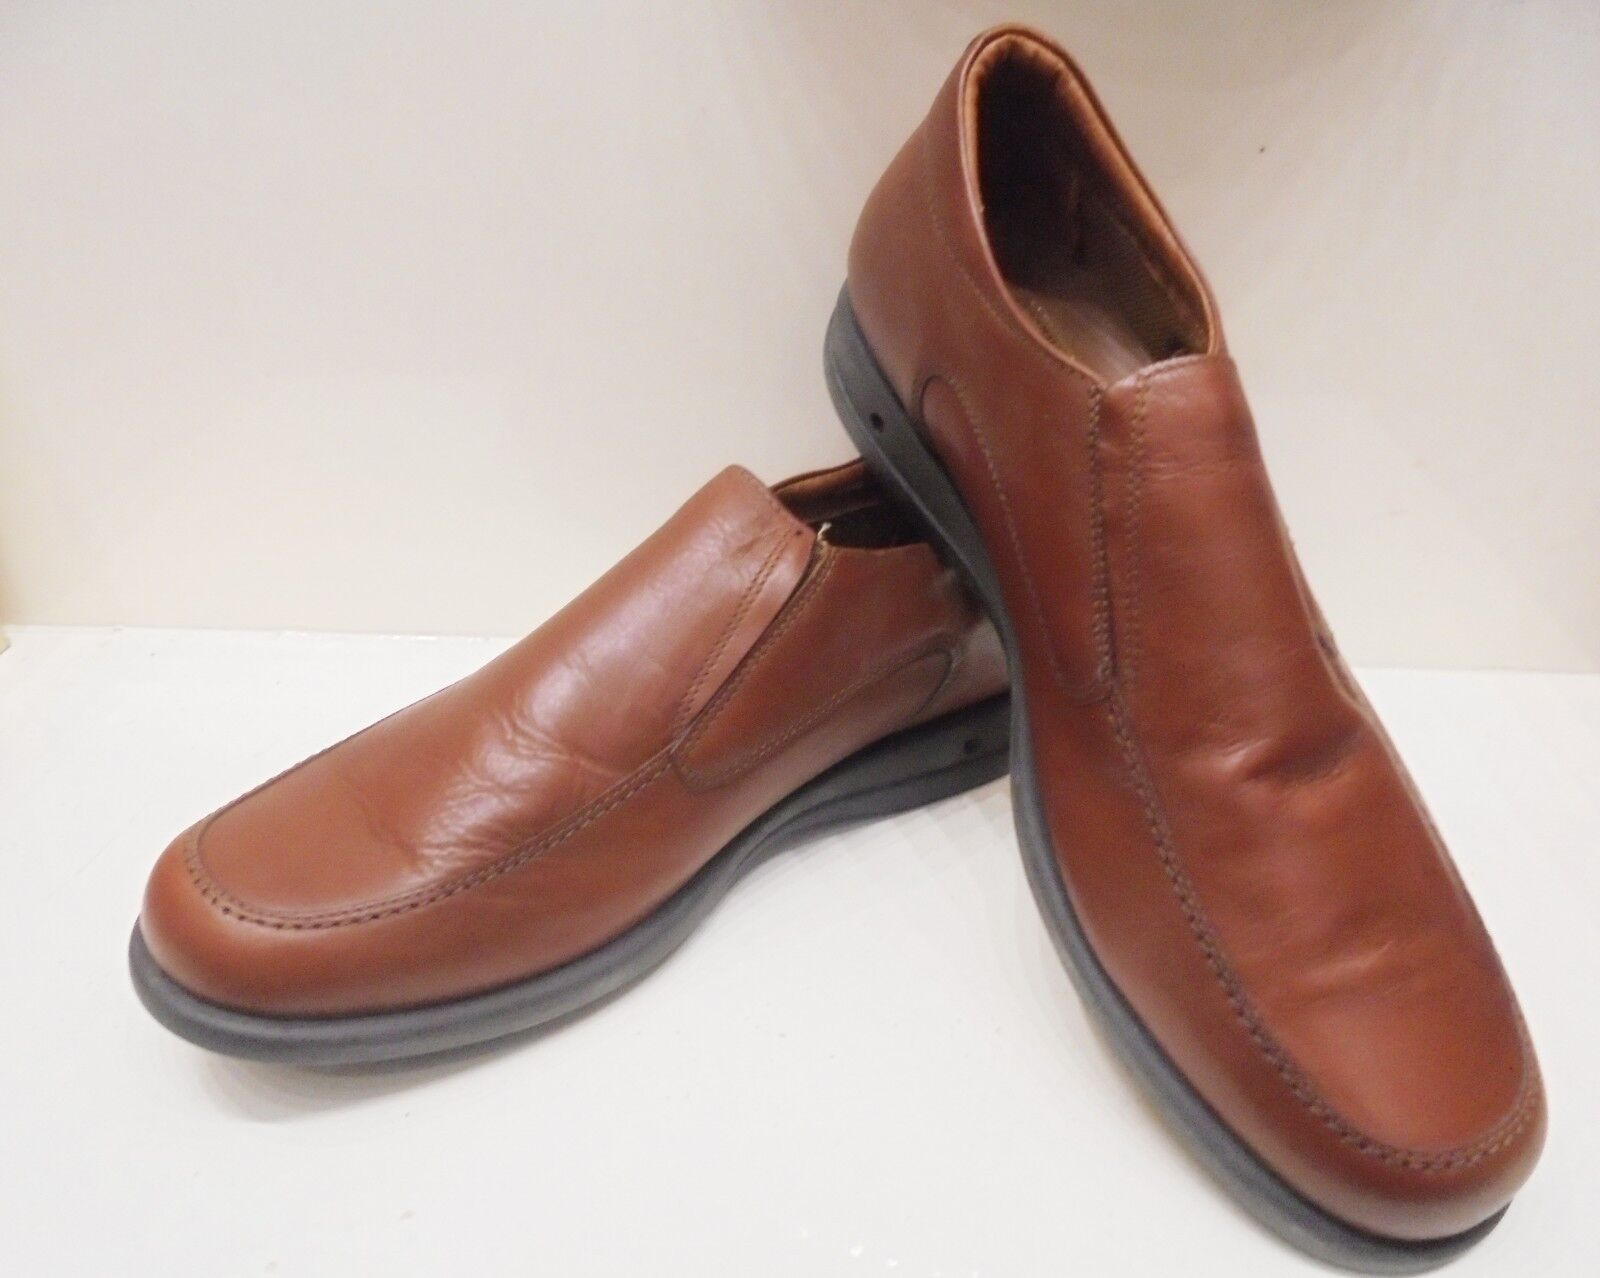 STONE HAVEN Schuhe Uomo Ecogreen Mocassini  Pelle Marrone n.46-100% Made  Mocassini 7c718a